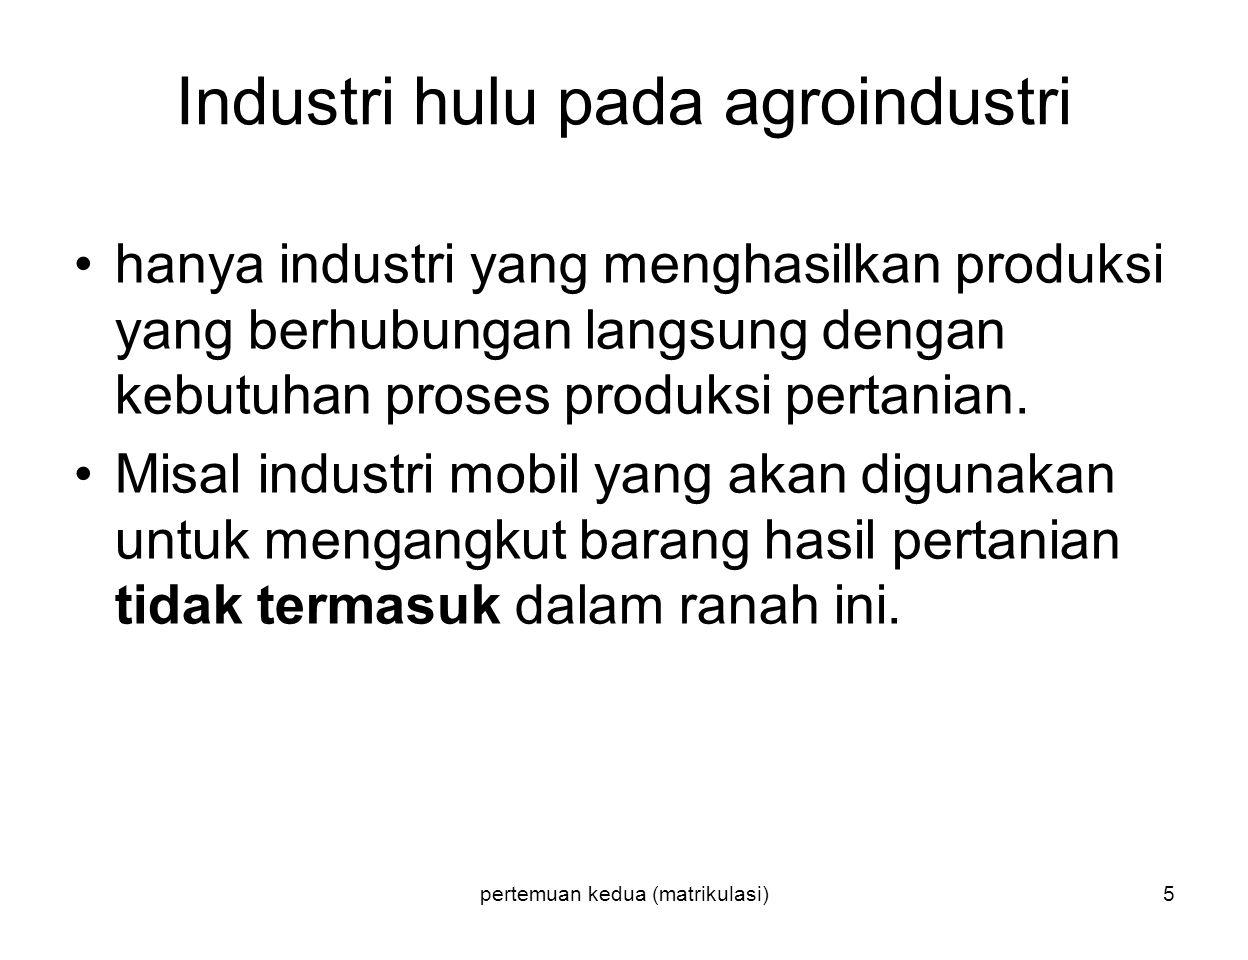 pertemuan kedua (matrikulasi)5 Industri hulu pada agroindustri hanya industri yang menghasilkan produksi yang berhubungan langsung dengan kebutuhan proses produksi pertanian.